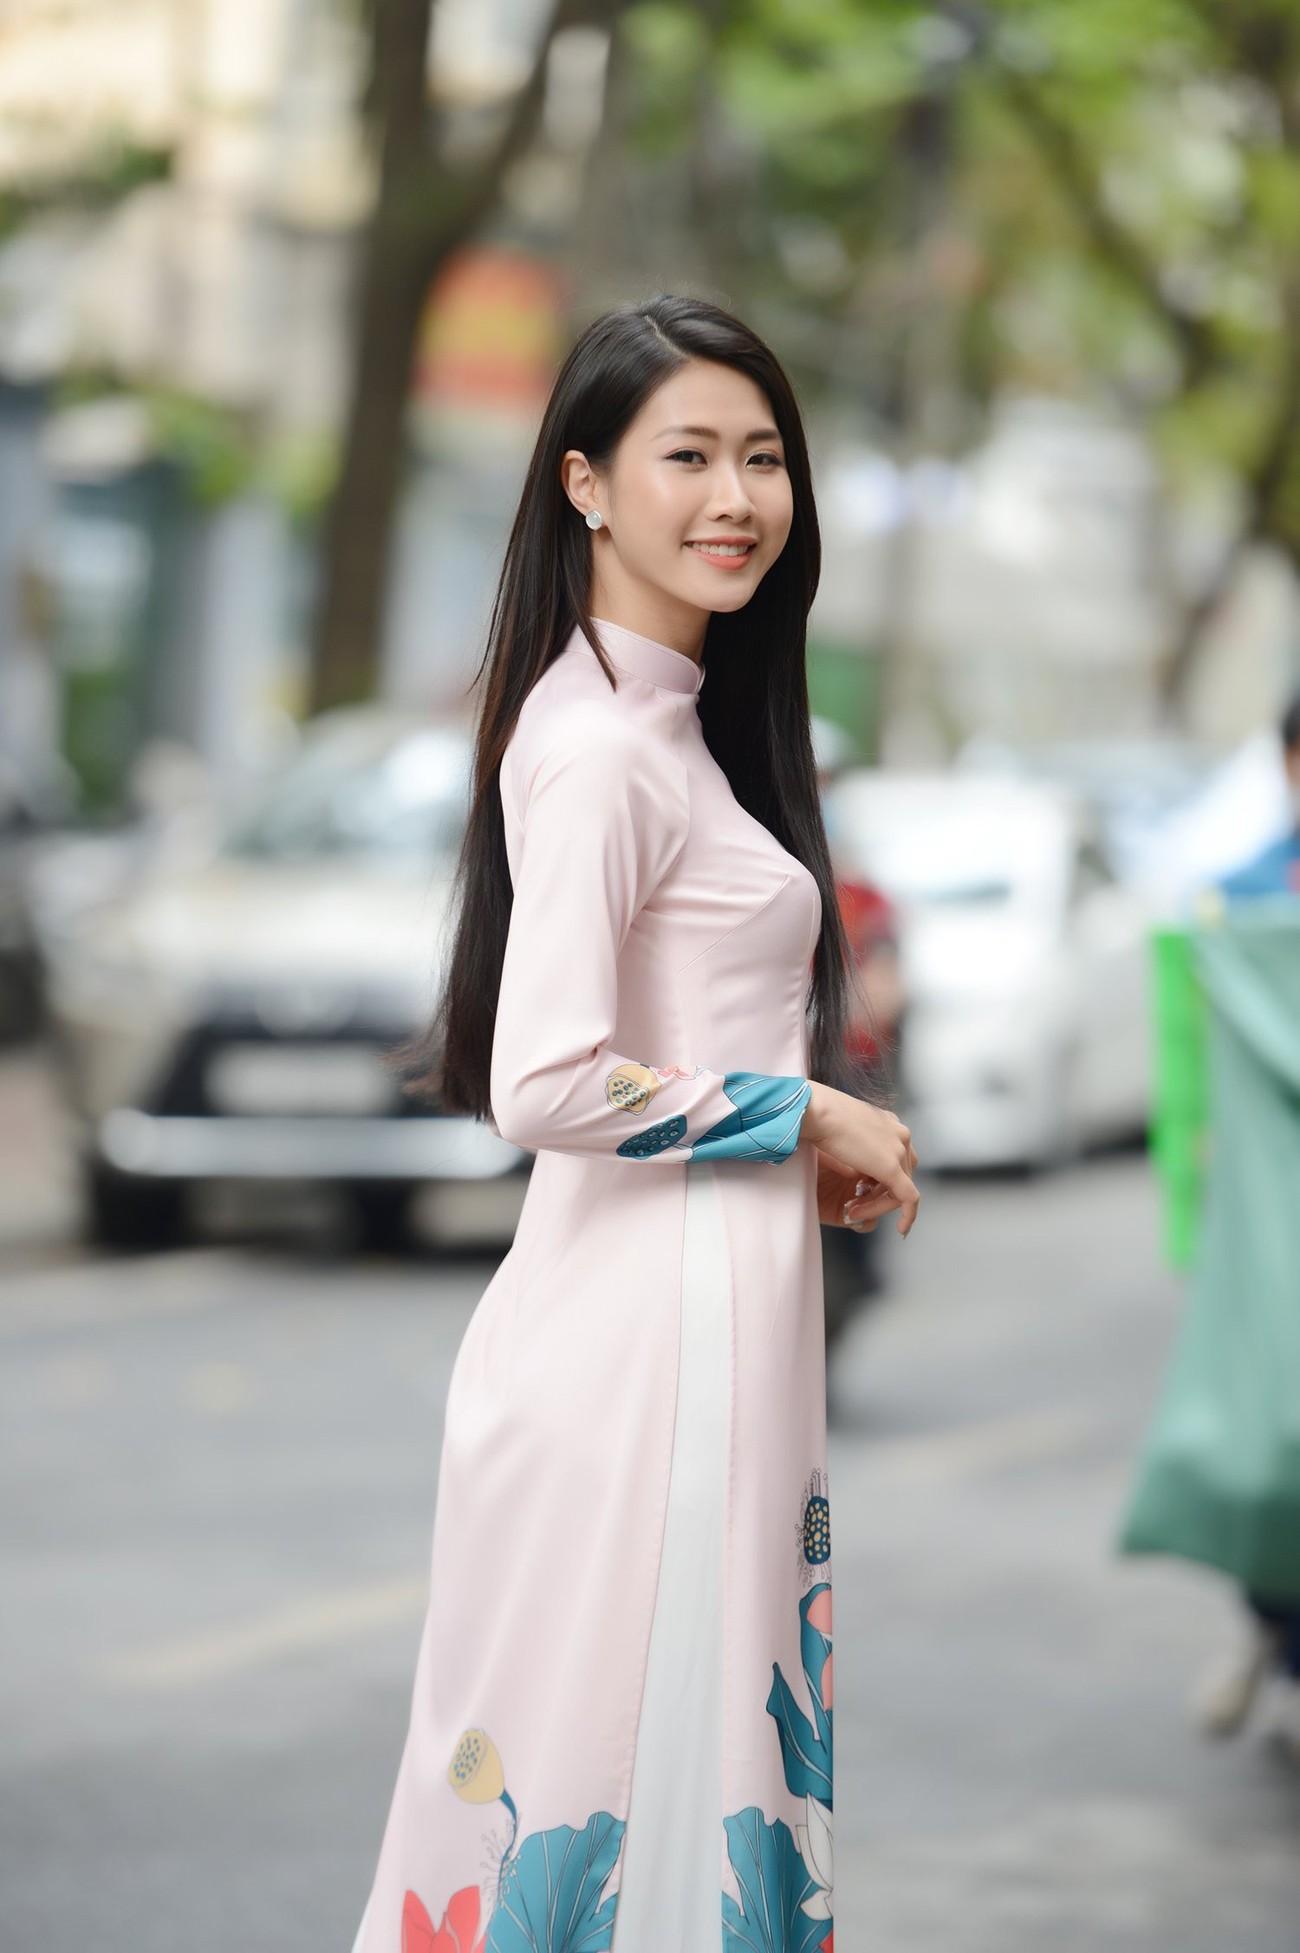 Dàn Hoa, Á hậu đọ sắc xinh đẹp tại họp báo Tiền Phong Marathon 2021 ảnh 6